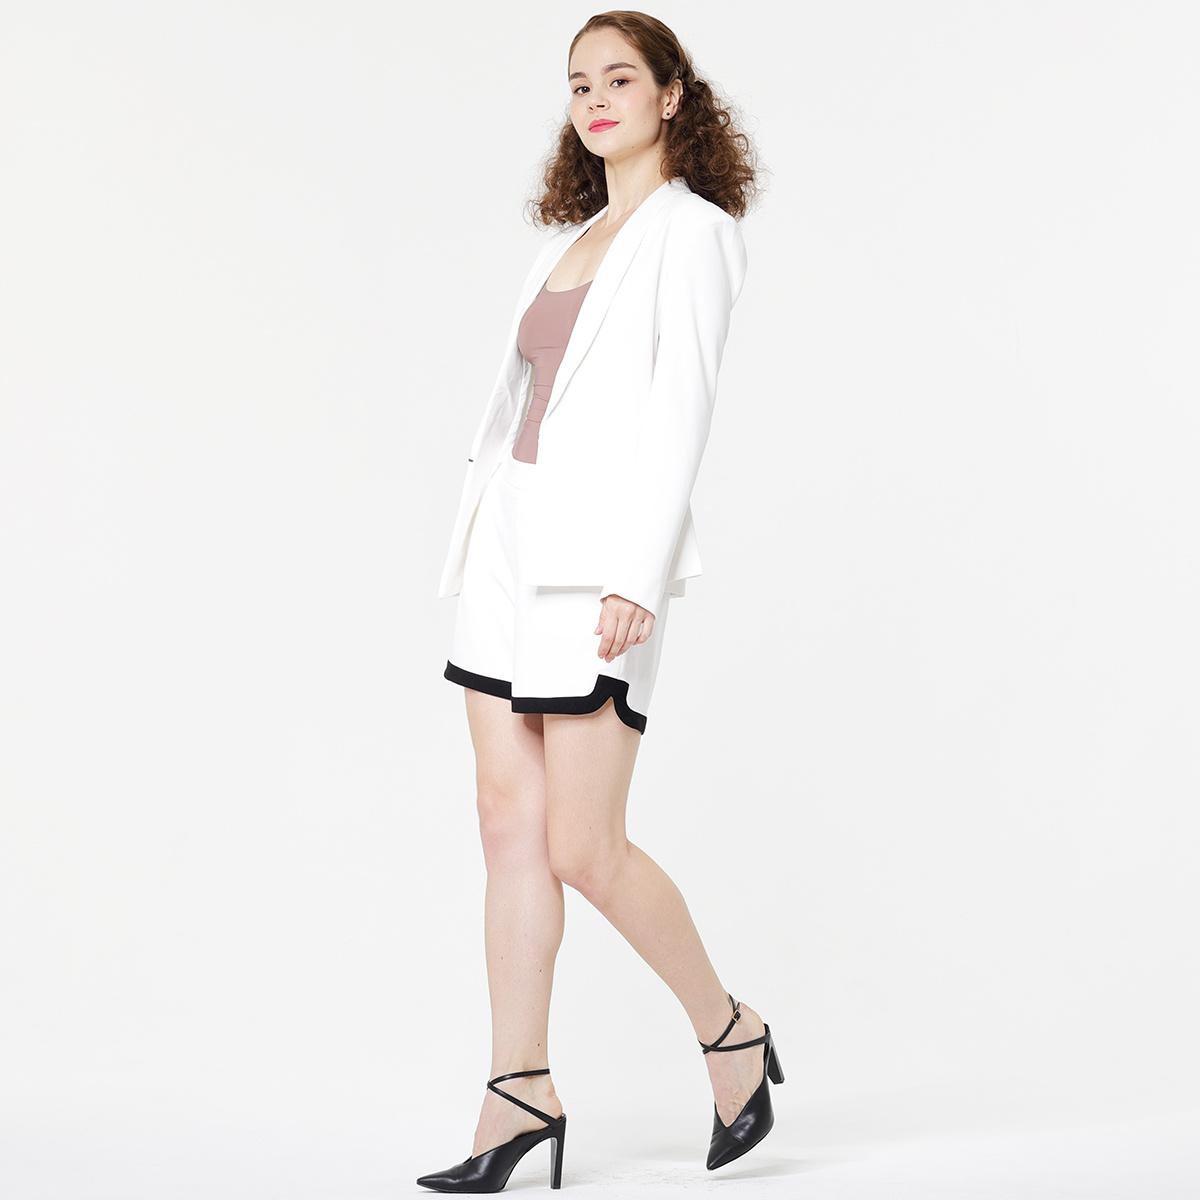 Lady's suit shorts